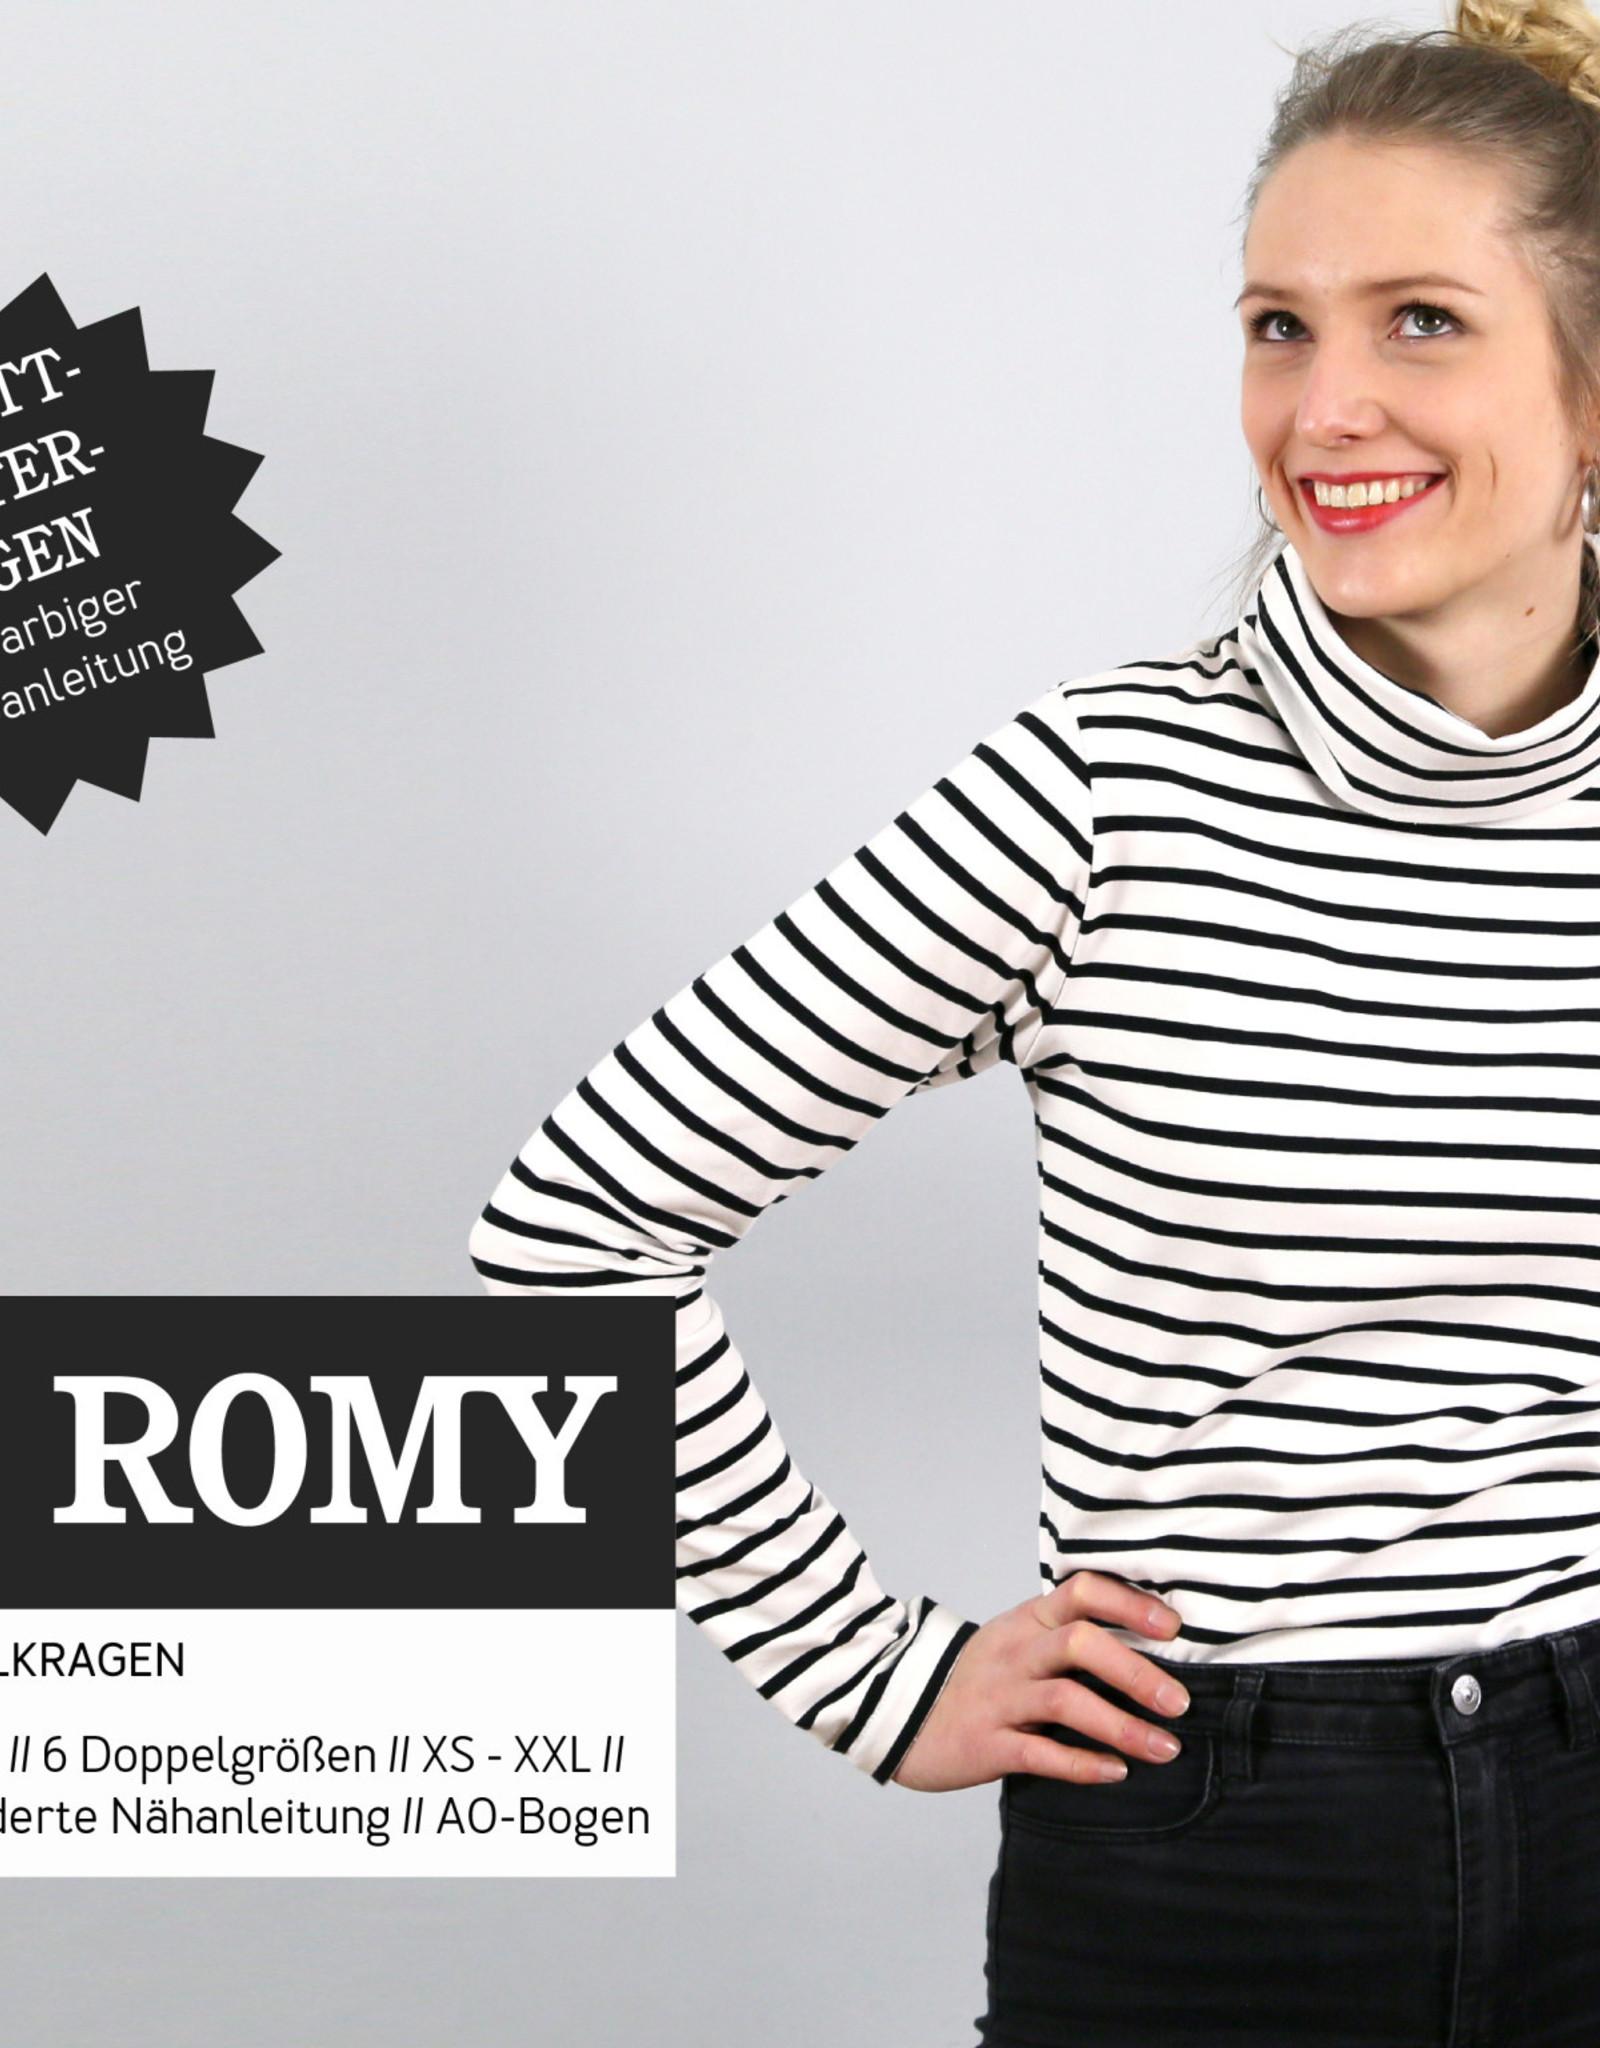 Frau Romy